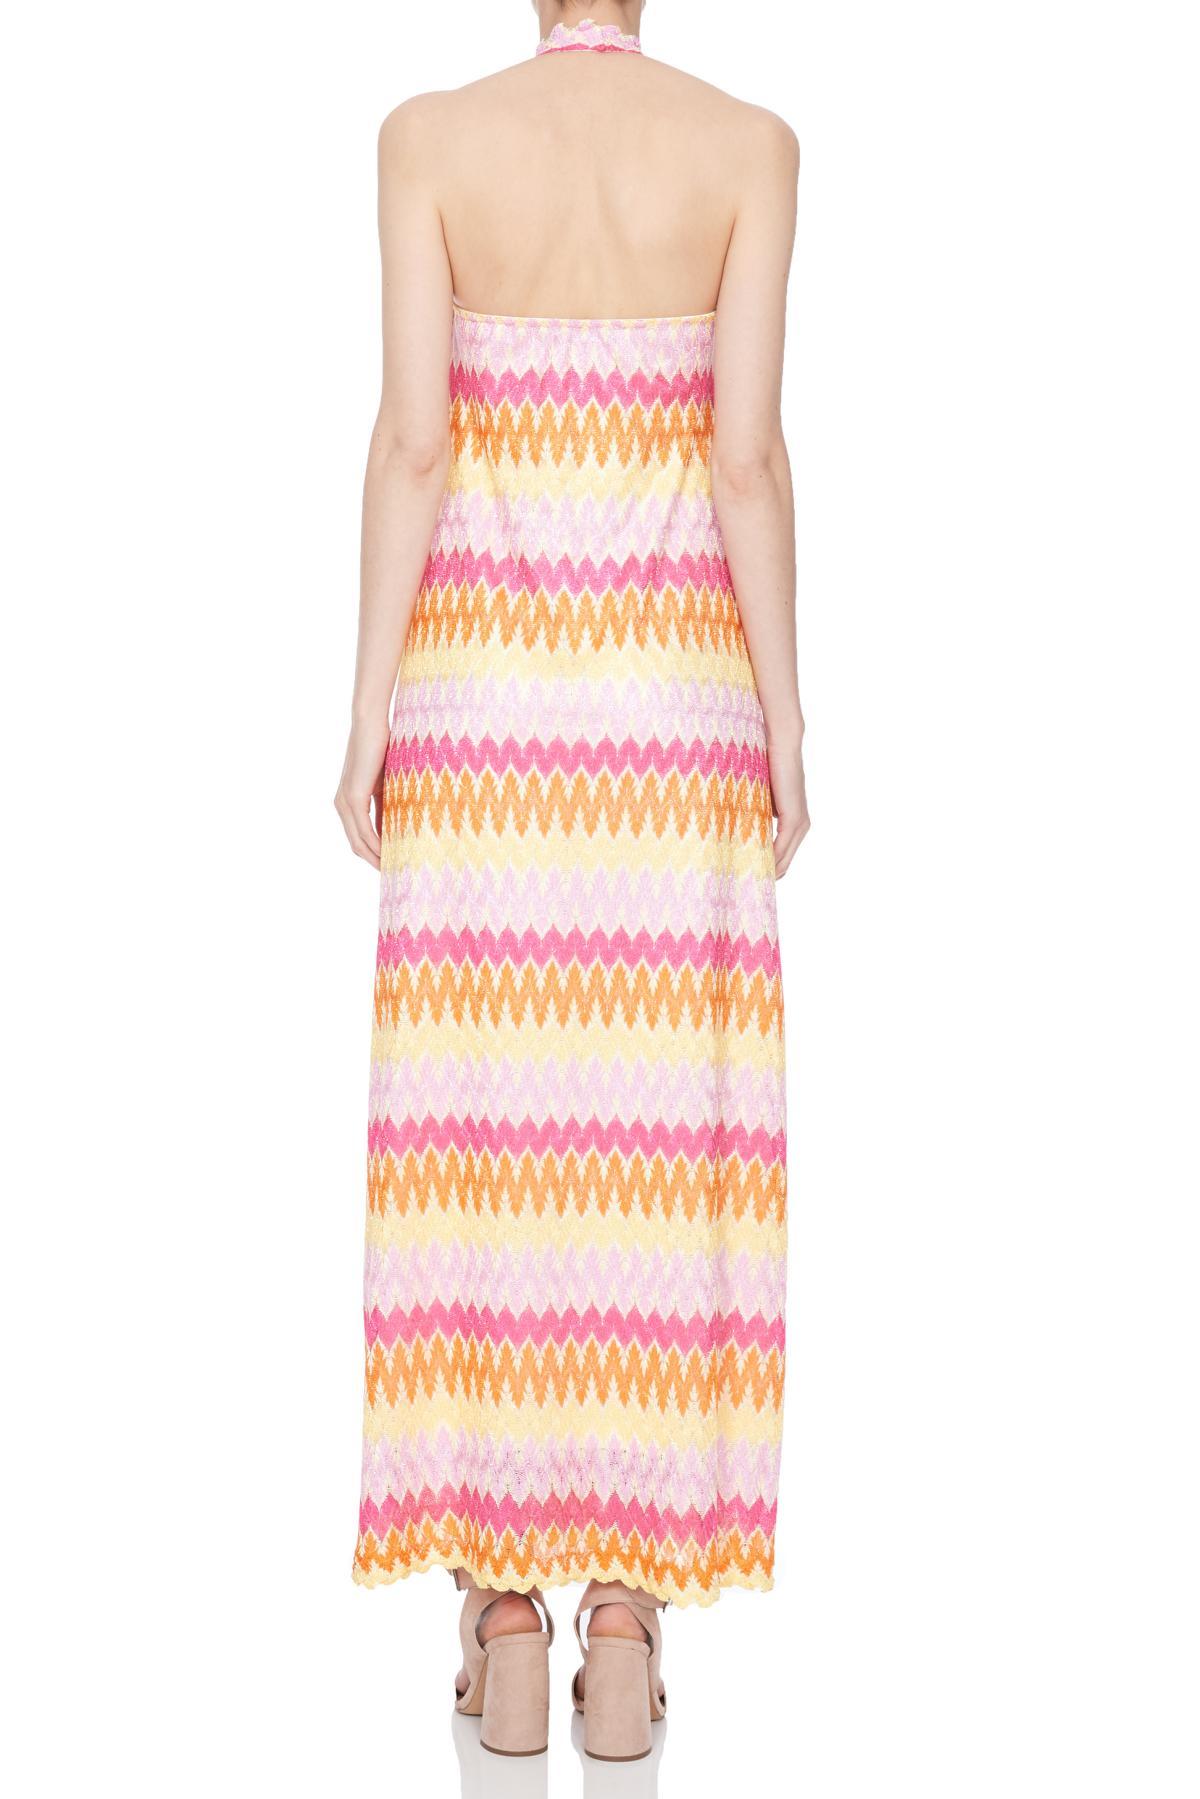 Rear view of Ana Alcazar Maxi Dress Nasmey  worn by model